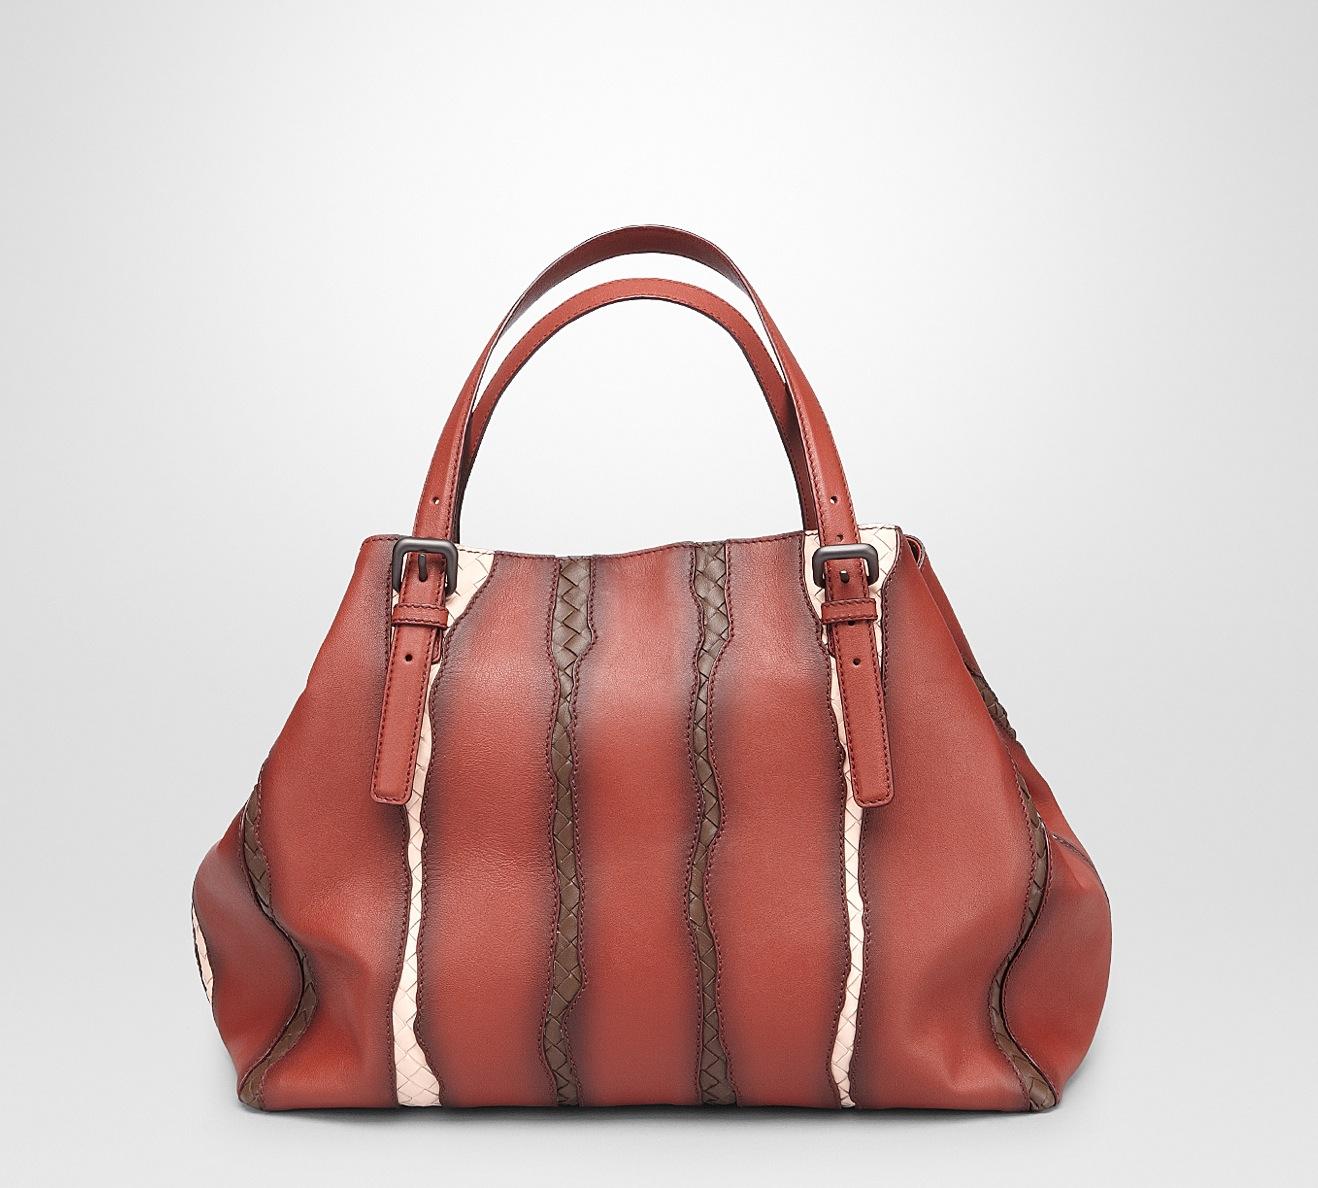 Bottega veneta cruise 2015 bag collection and new glimmer hobo spotted fashion - Mobili bottega veneta ...